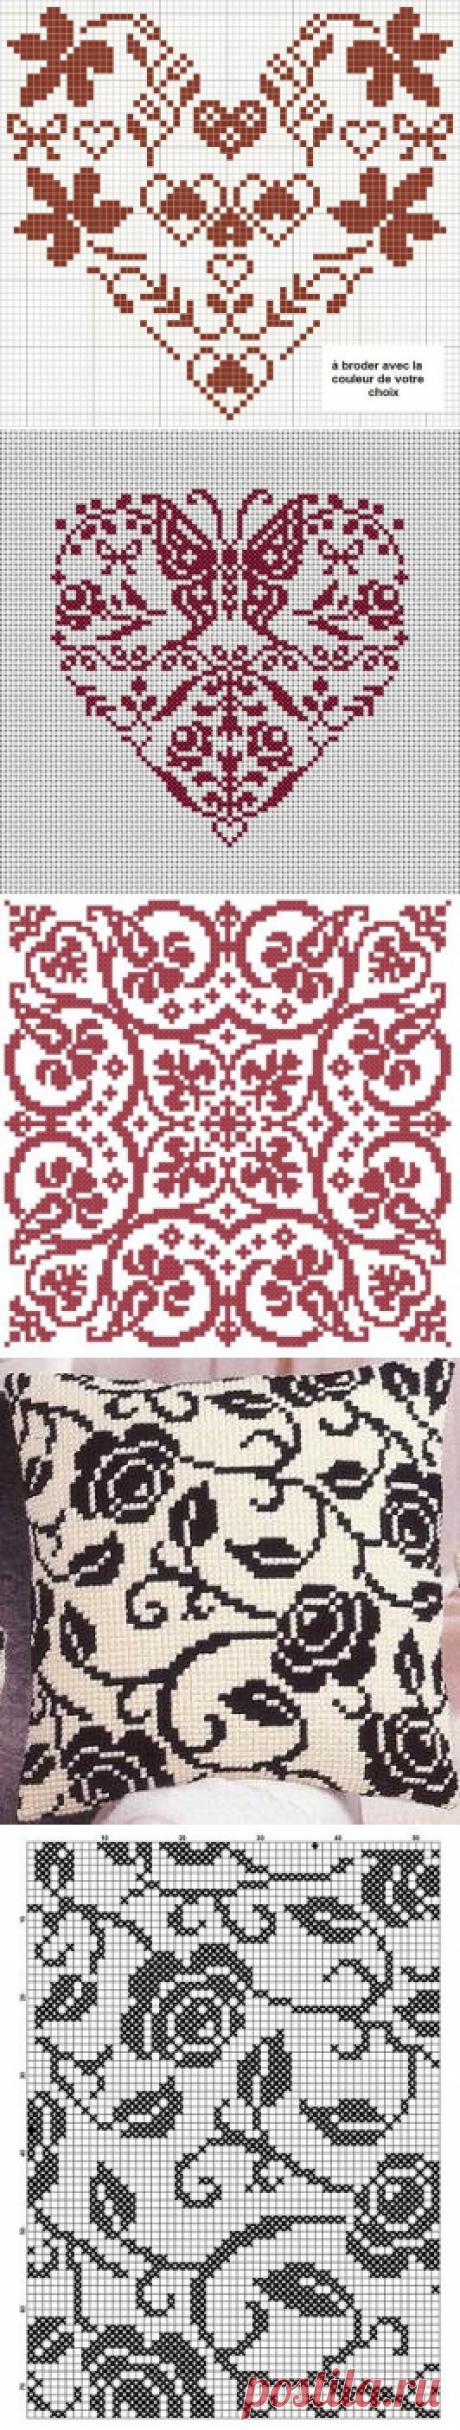 Монохромная вышивка для начинающих — схемы